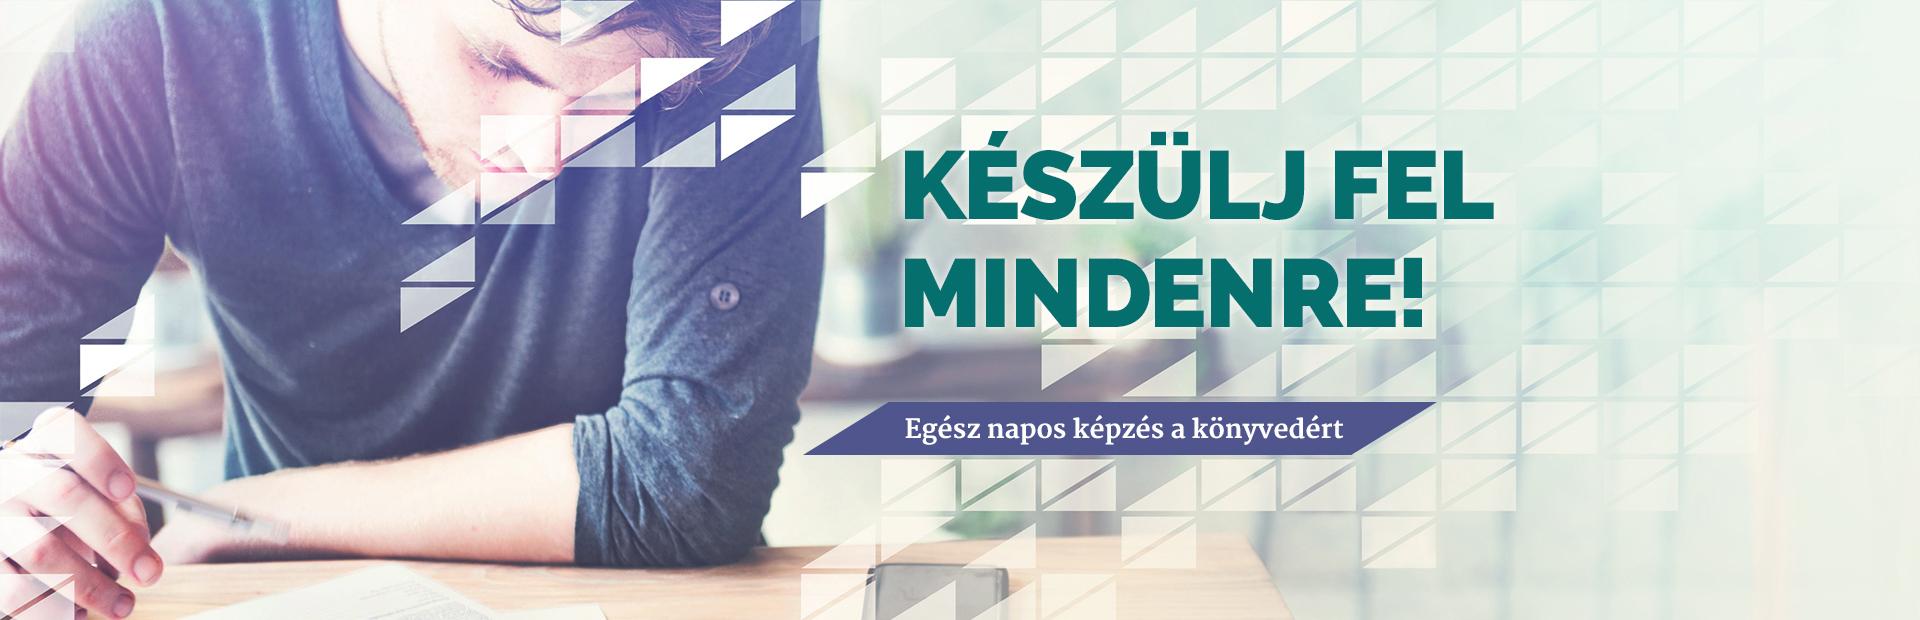 http://admin.konyvaruhaz.info/media/files/Keszulj-fel-mindenre-banner_1920x620.jpg